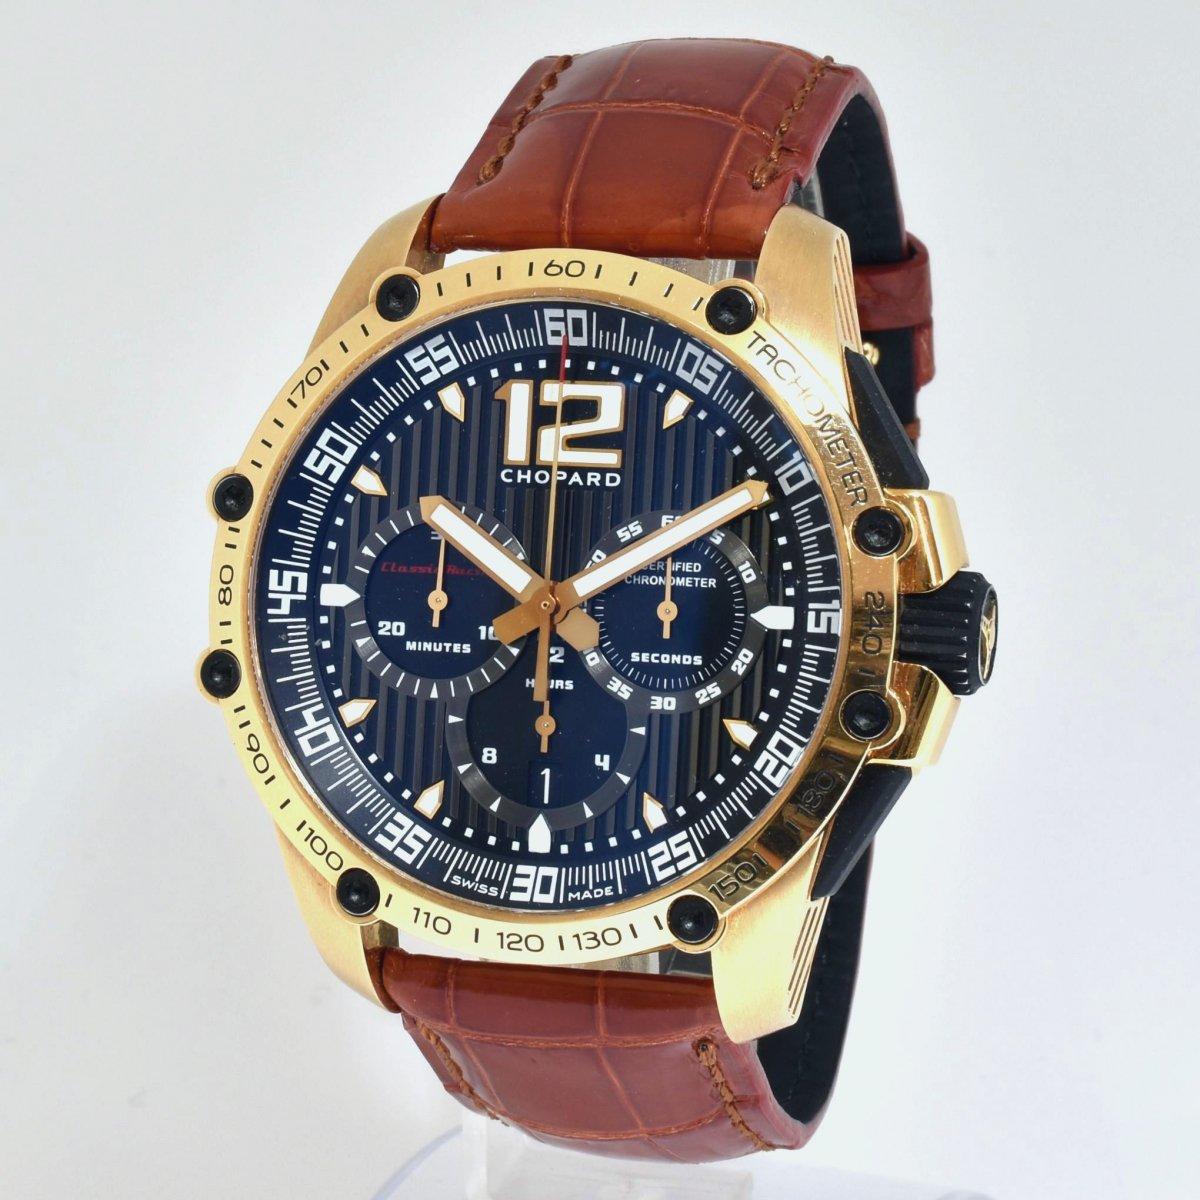 ショパール/K18YG/ミッレミリア・クラシックレーシング/オートマチック/クロノグラフ/腕時計/限定/CHOPARD/定価:約233万/男性用/メンズ/イエローゴールド↑